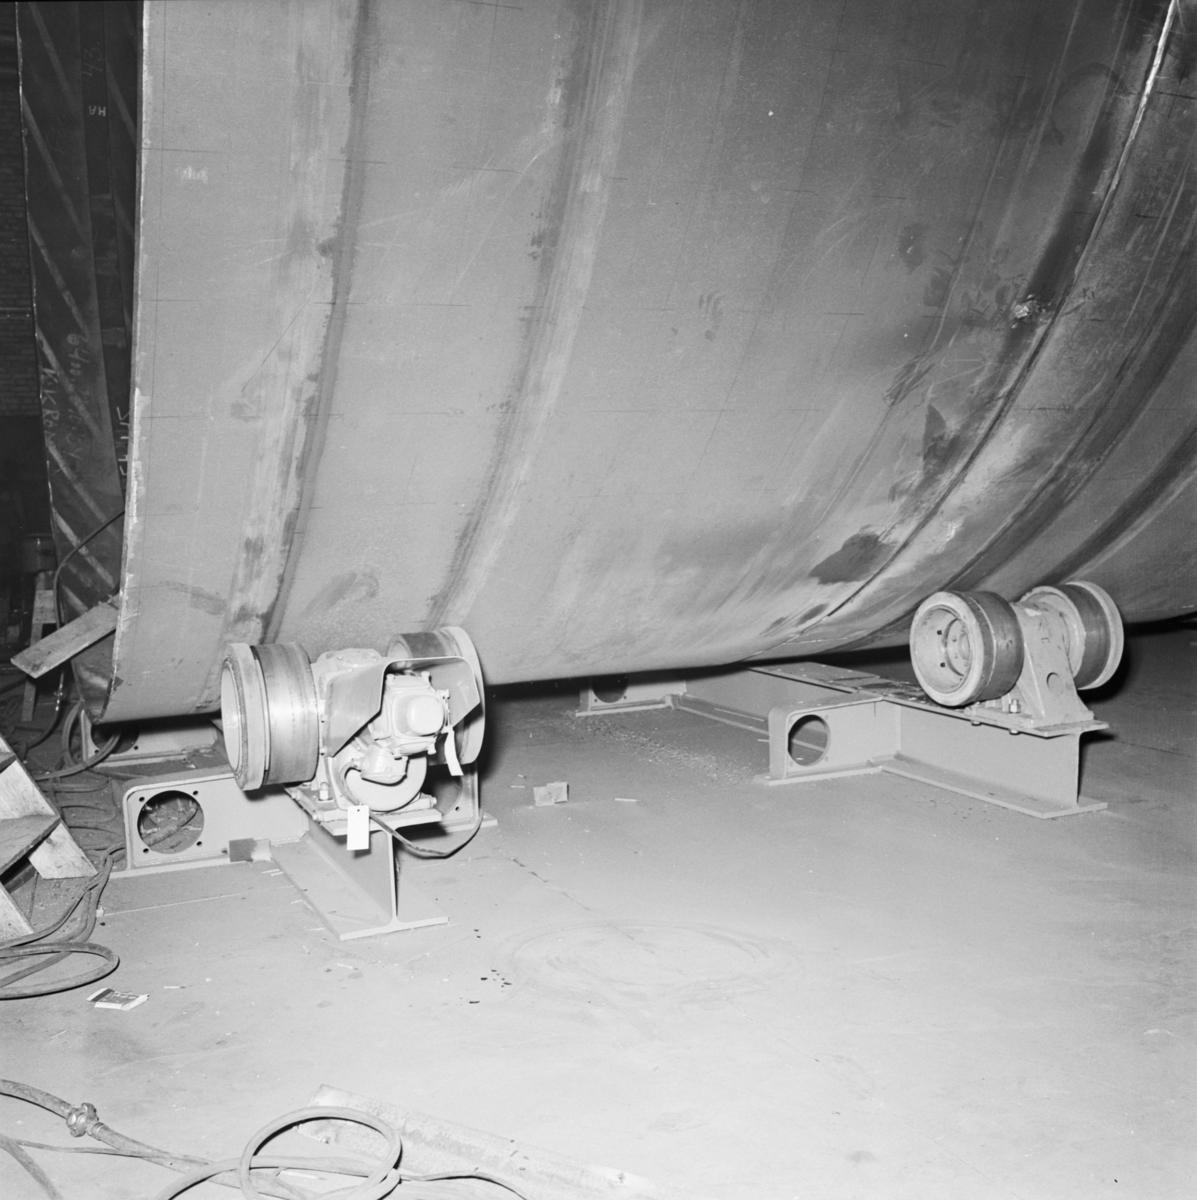 Övrigt: Foto datum: 13/6 1966 Byggnader och kranar Nya maskiner. Närmast identisk Bild: V36536, ej skannad